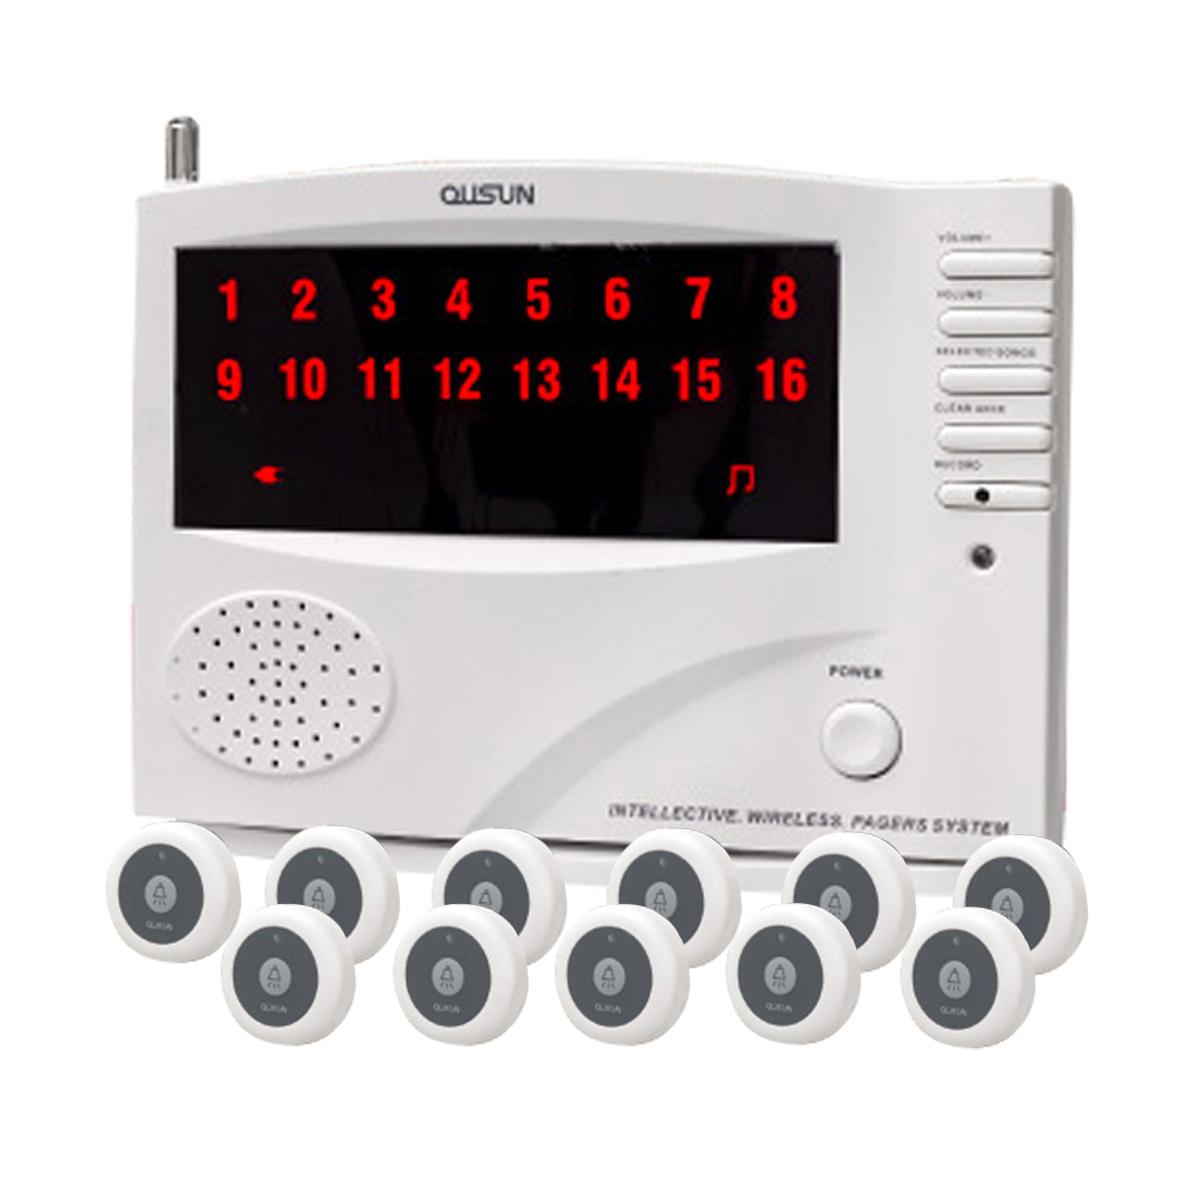 ワイヤレス チャイム コードレスチャイム 業務用 16ch 送信機 11個 白 黒 1年保証 無料登録サービス インターホン 呼び鈴 呼び出しチャイム 店舗 飲食店 介護施設 _92073-1-1